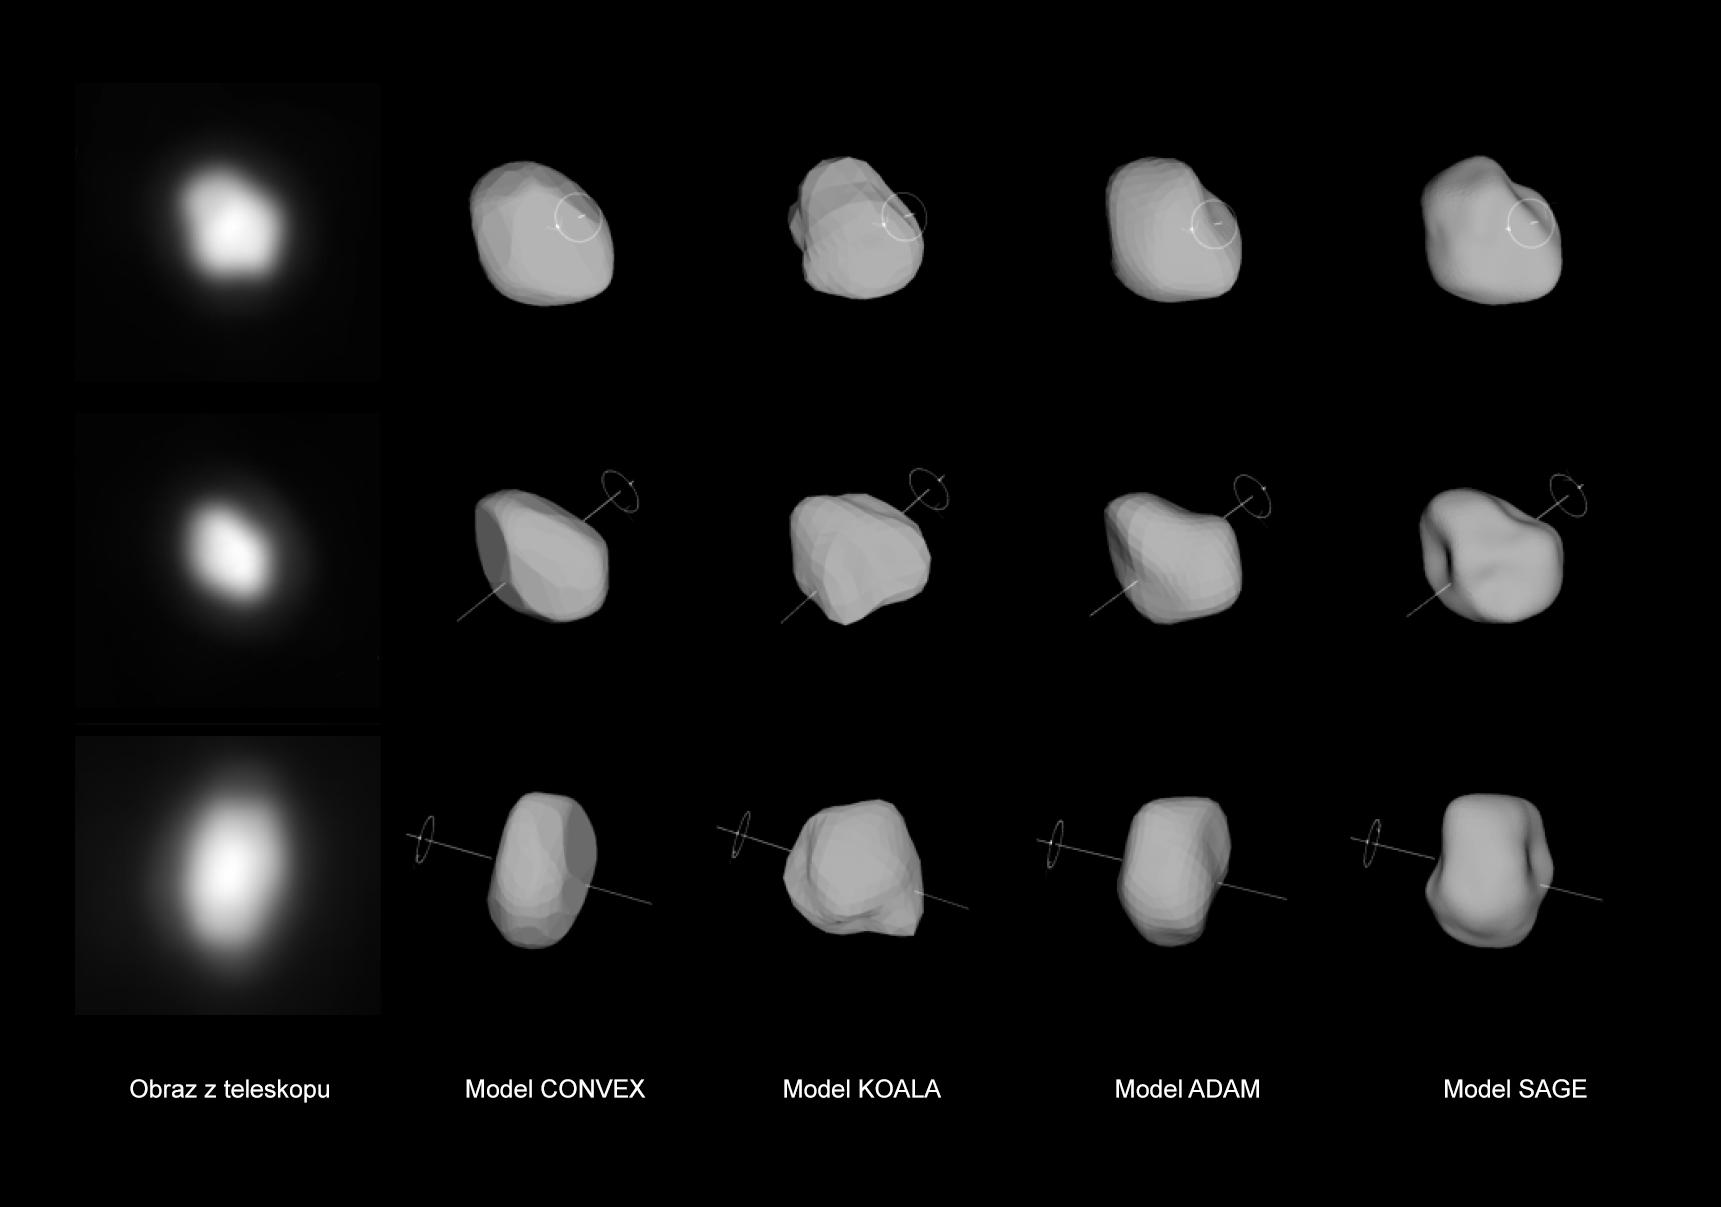 Bryła planetoidy (9) Metis rekonstruowana za pomocą czterech różnych metod analizy krzywej blasku. Ryc. z pracy: Bartczak i Dudziński (2019; doi: 10.1093/MNRAS/STX2535).